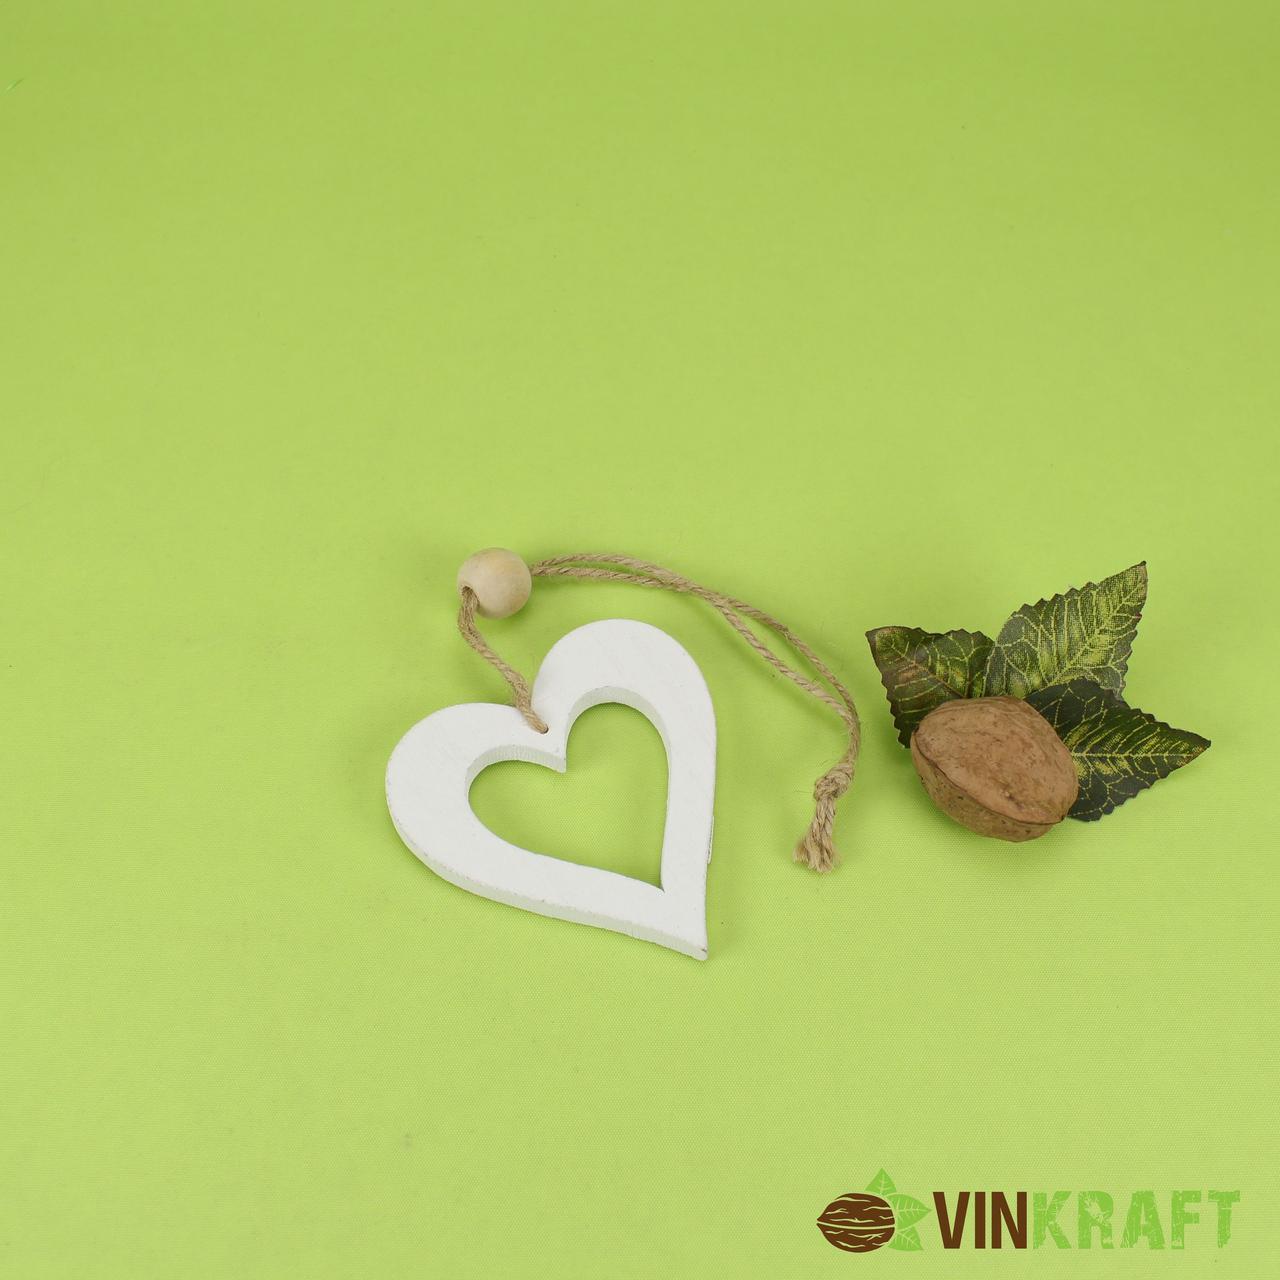 """Декор-підвіска дерев'яна серце """"біле"""" (11-12 см)"""